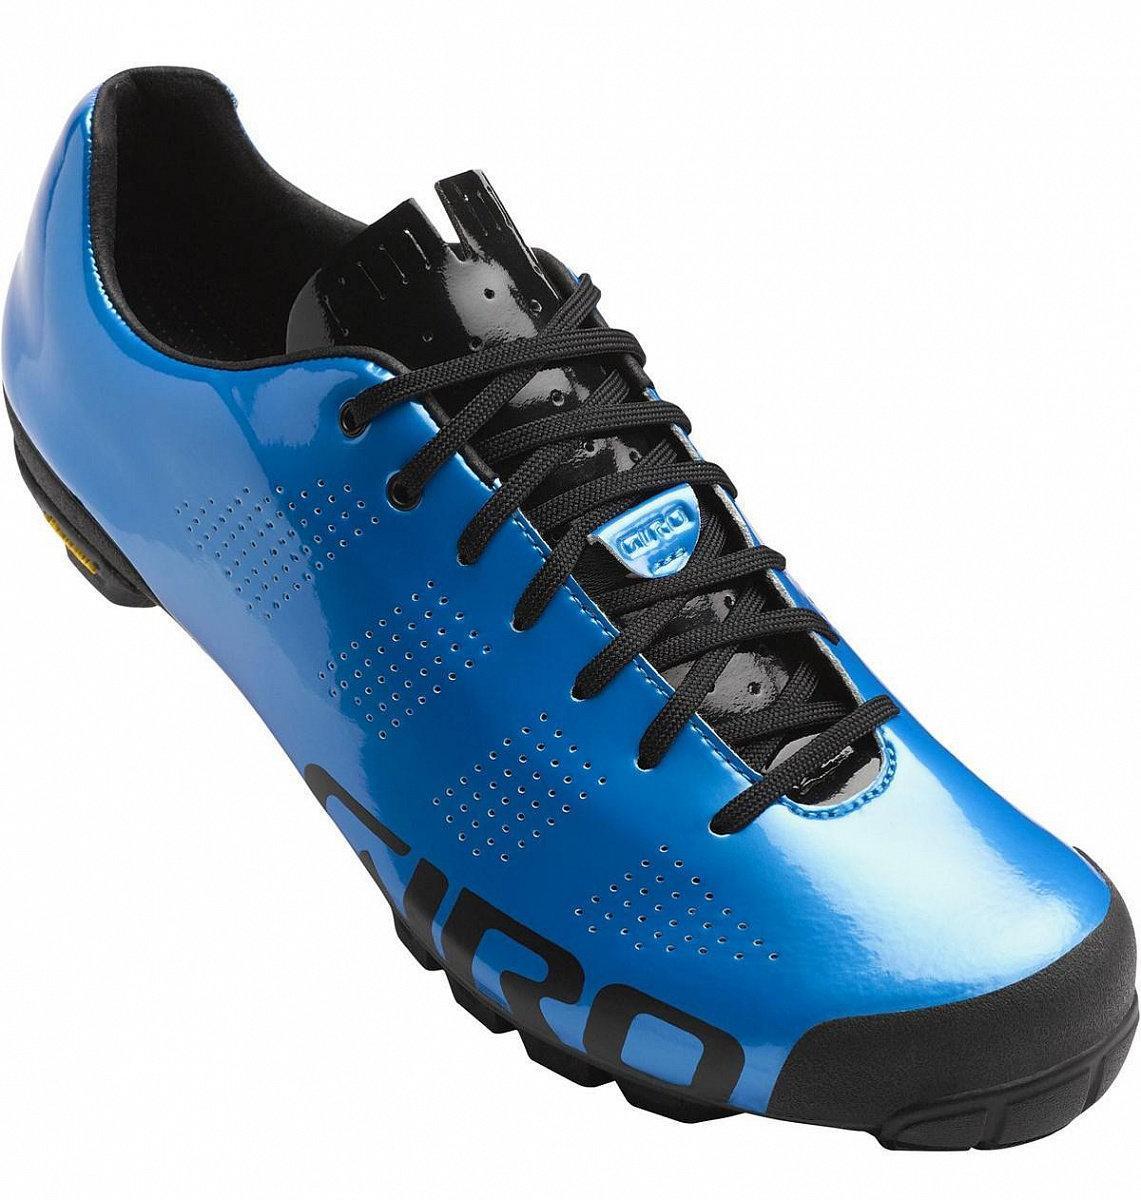 Велотуфли Giro Empire VR90 сине-черные 43р